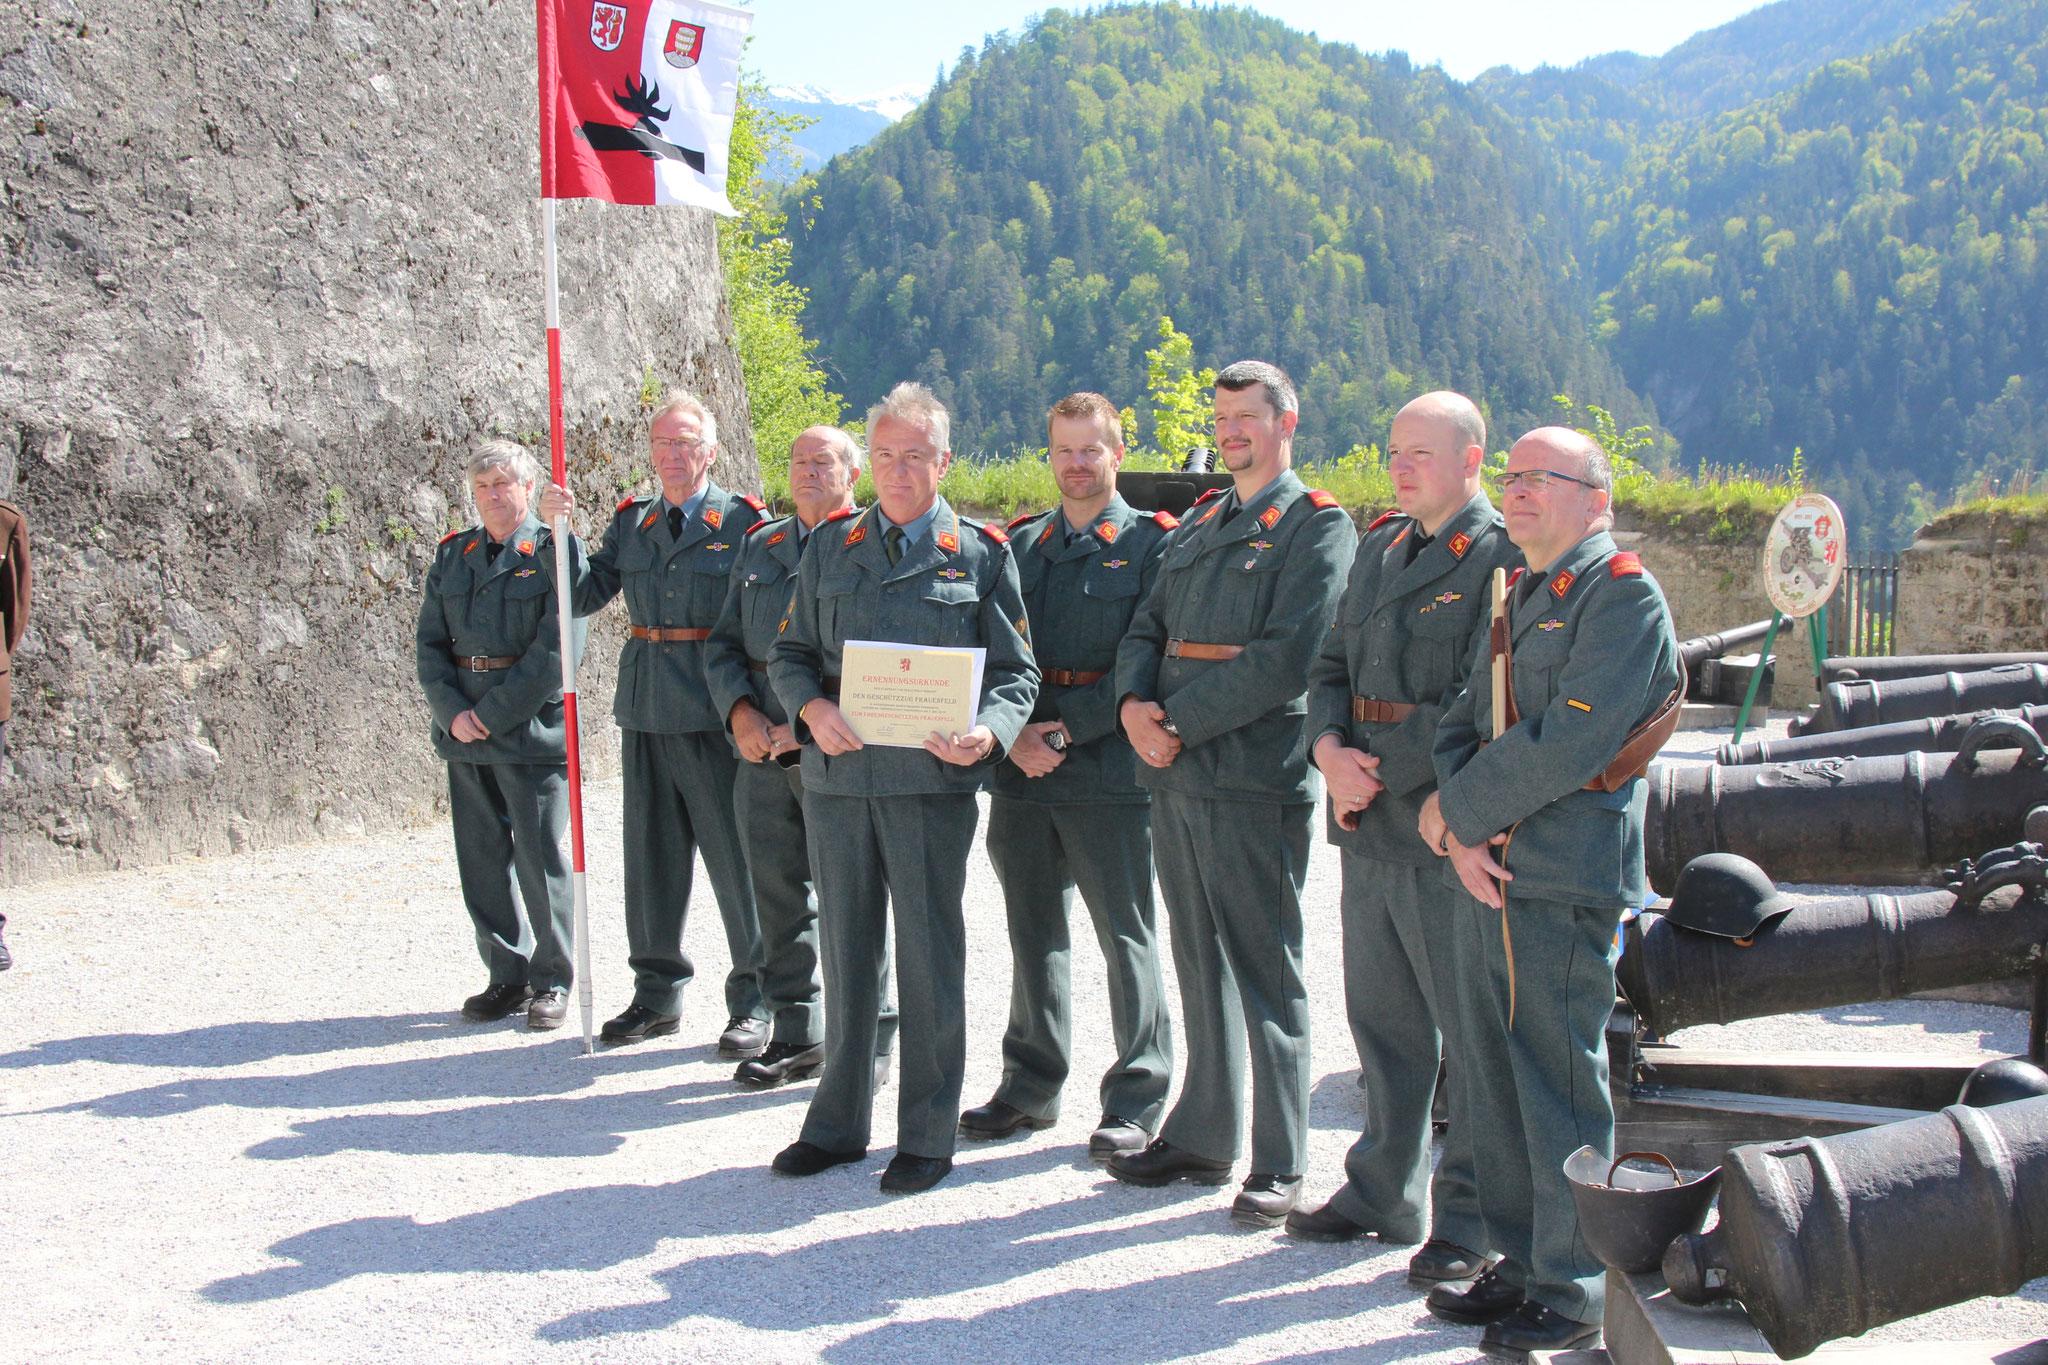 Die Frauenfelder Mannschaft wurde zum Ehrengeschützzug der Stadt Frauenfeld ernannt